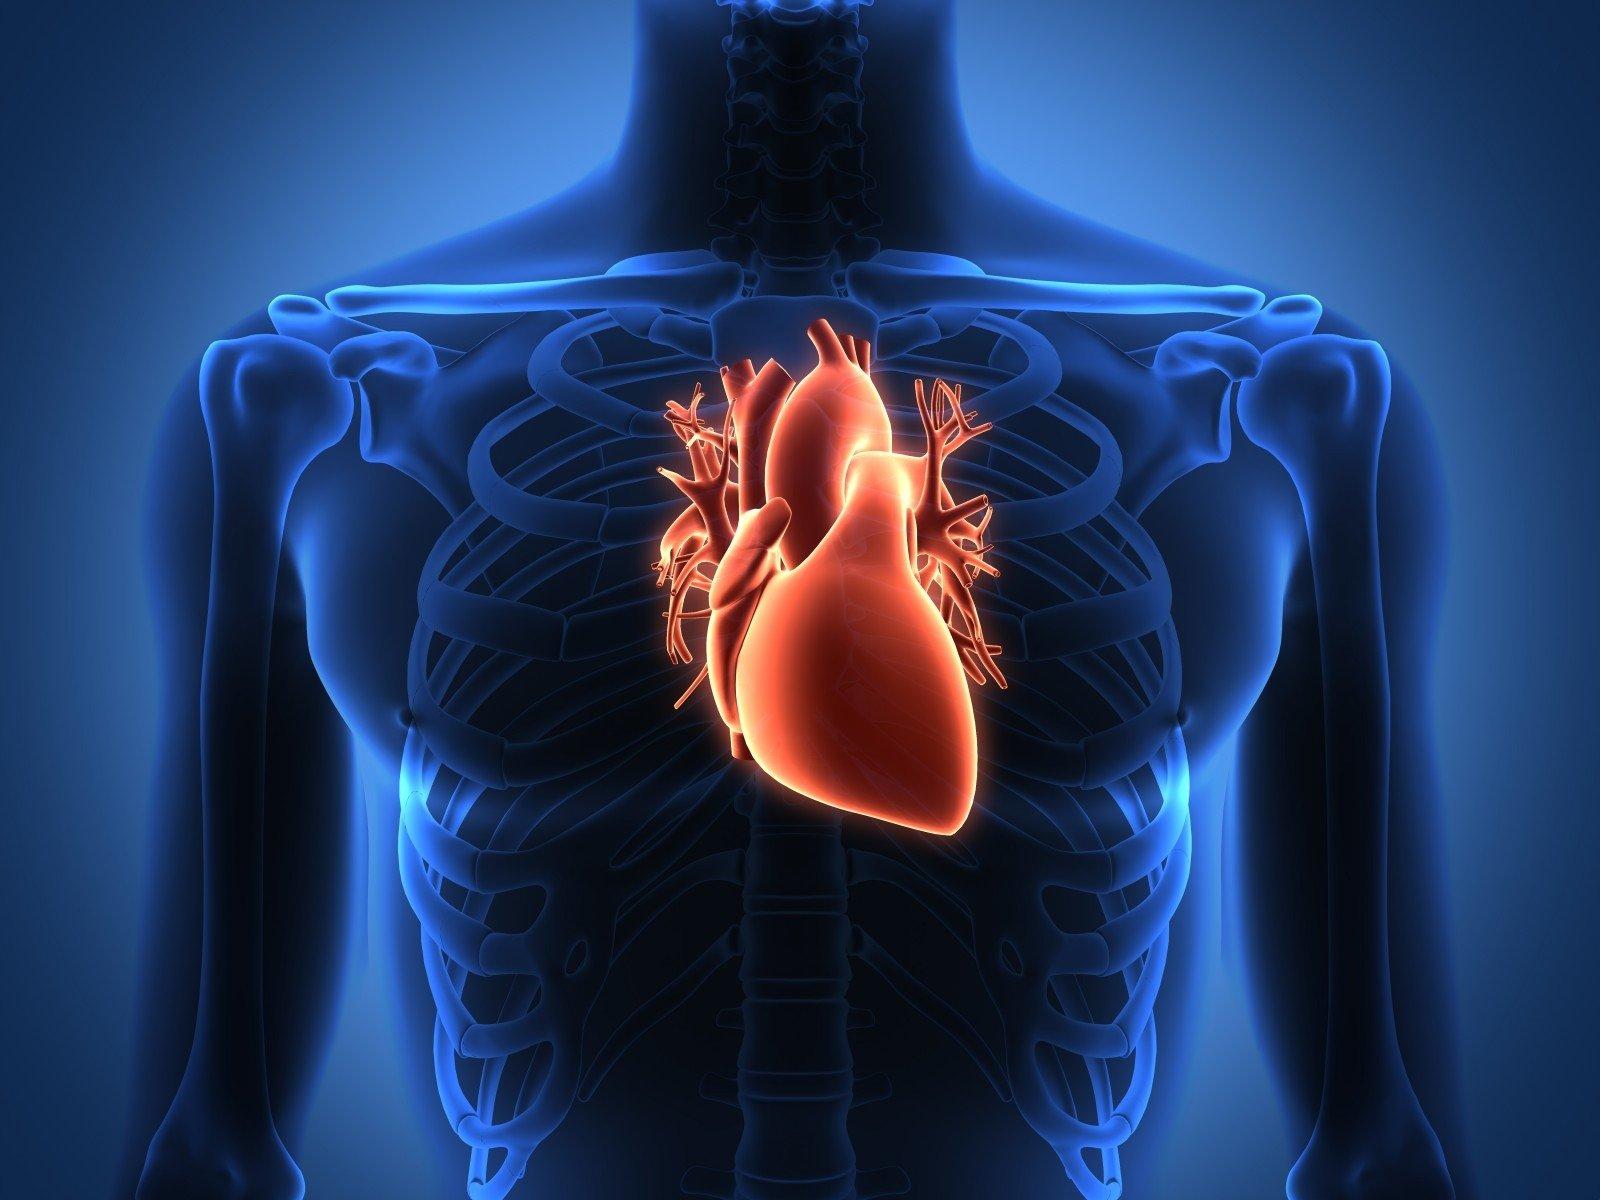 geriausia vitamino širdies sveikata ar su hipertenzija galima valgyti ėriuką